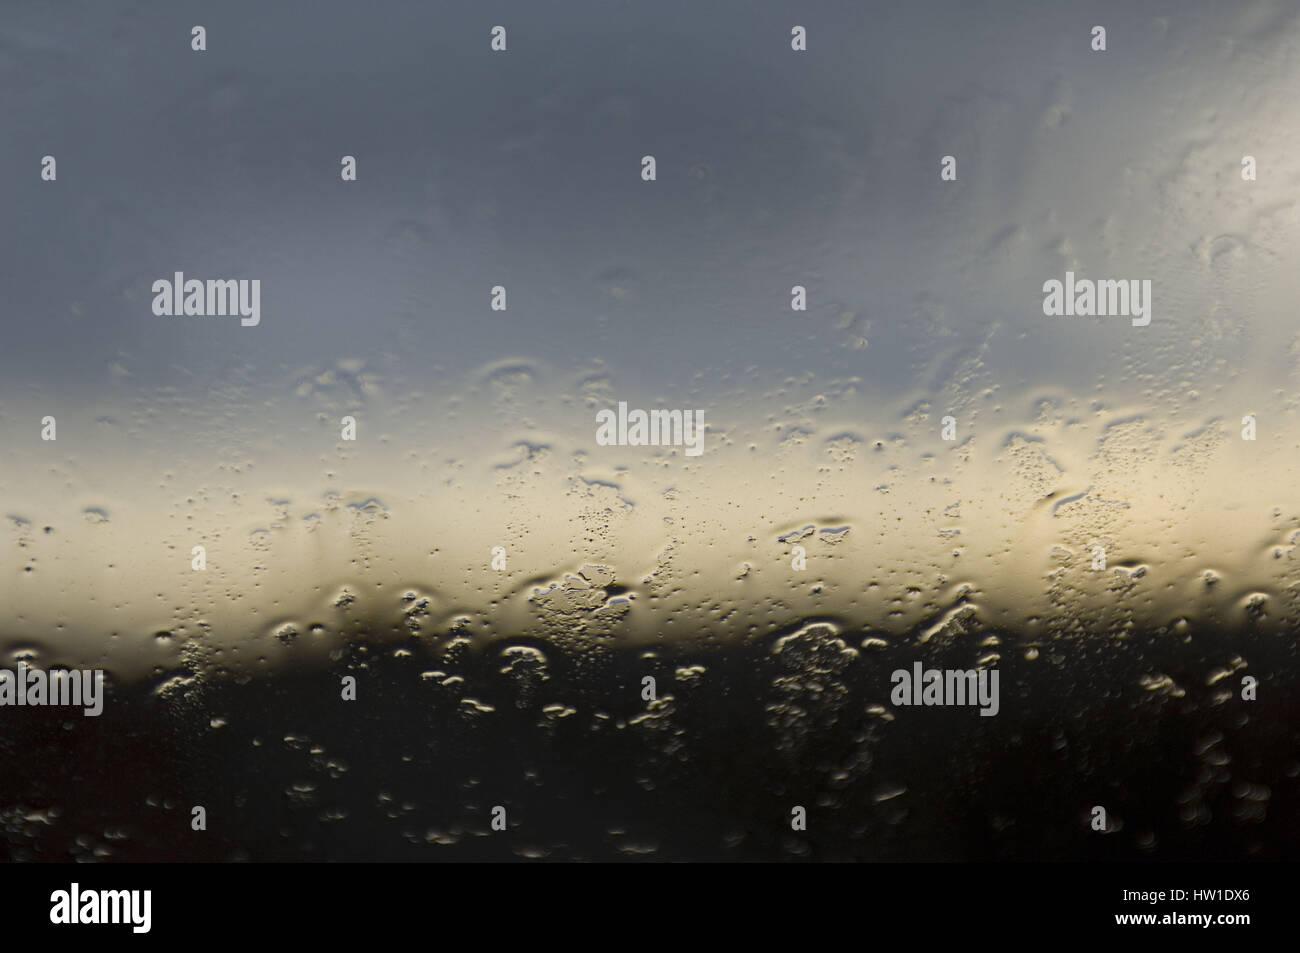 Raindrops on a window pane, Regentropfen auf einer Fensterscheibe - Stock Image